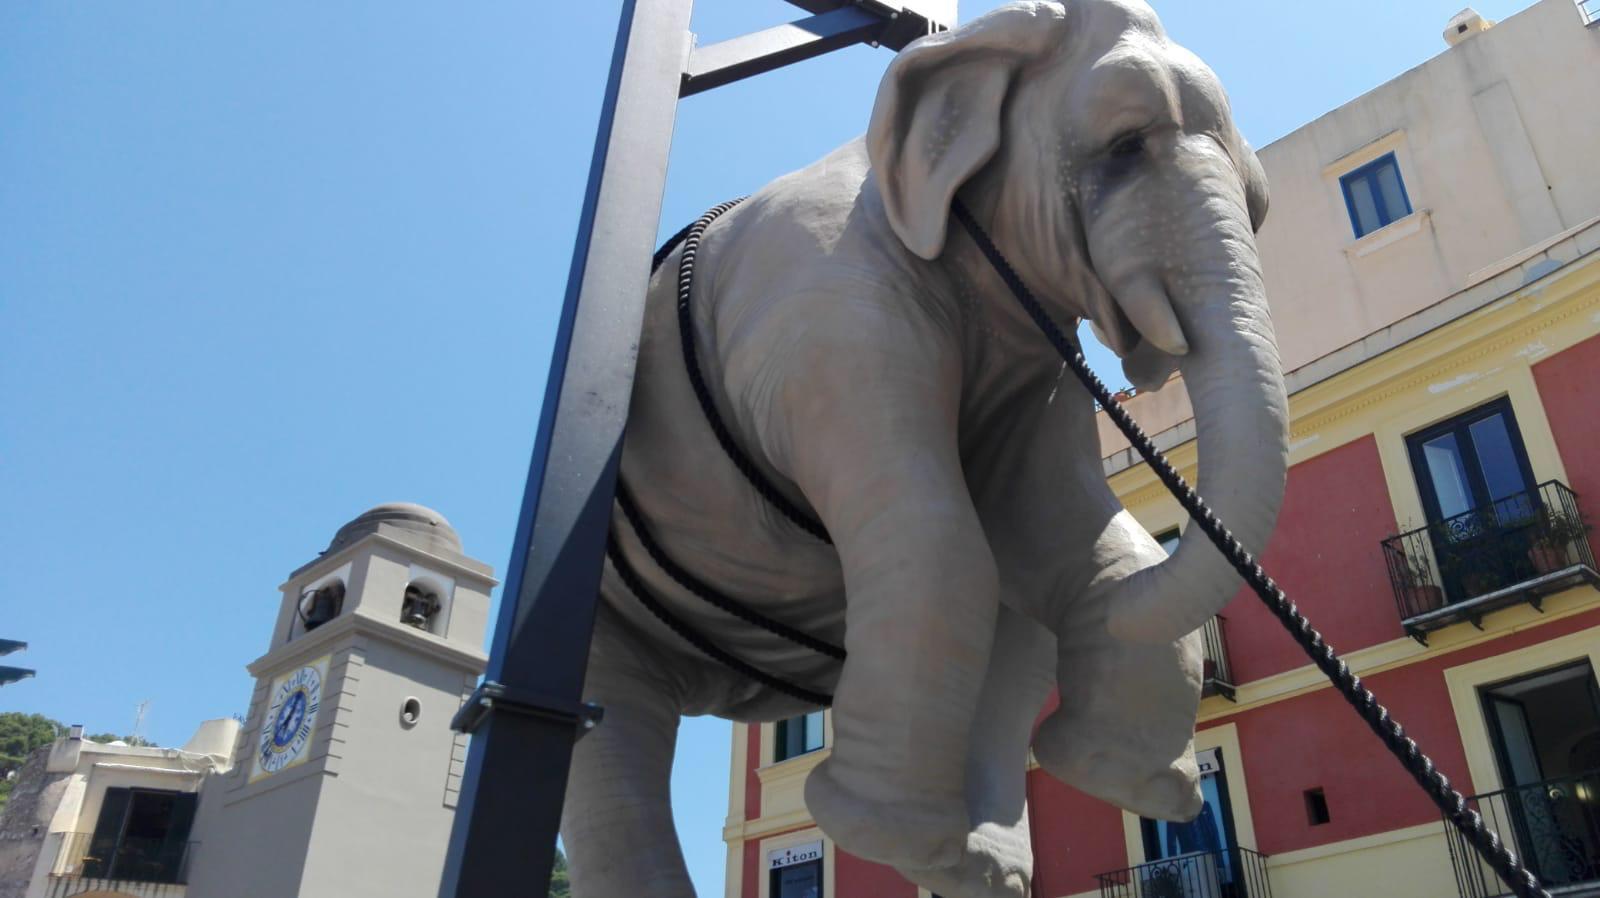 """""""Marta e l'elefante"""" svelato il nome della nuova installazione nella Piazzetta di Capri"""